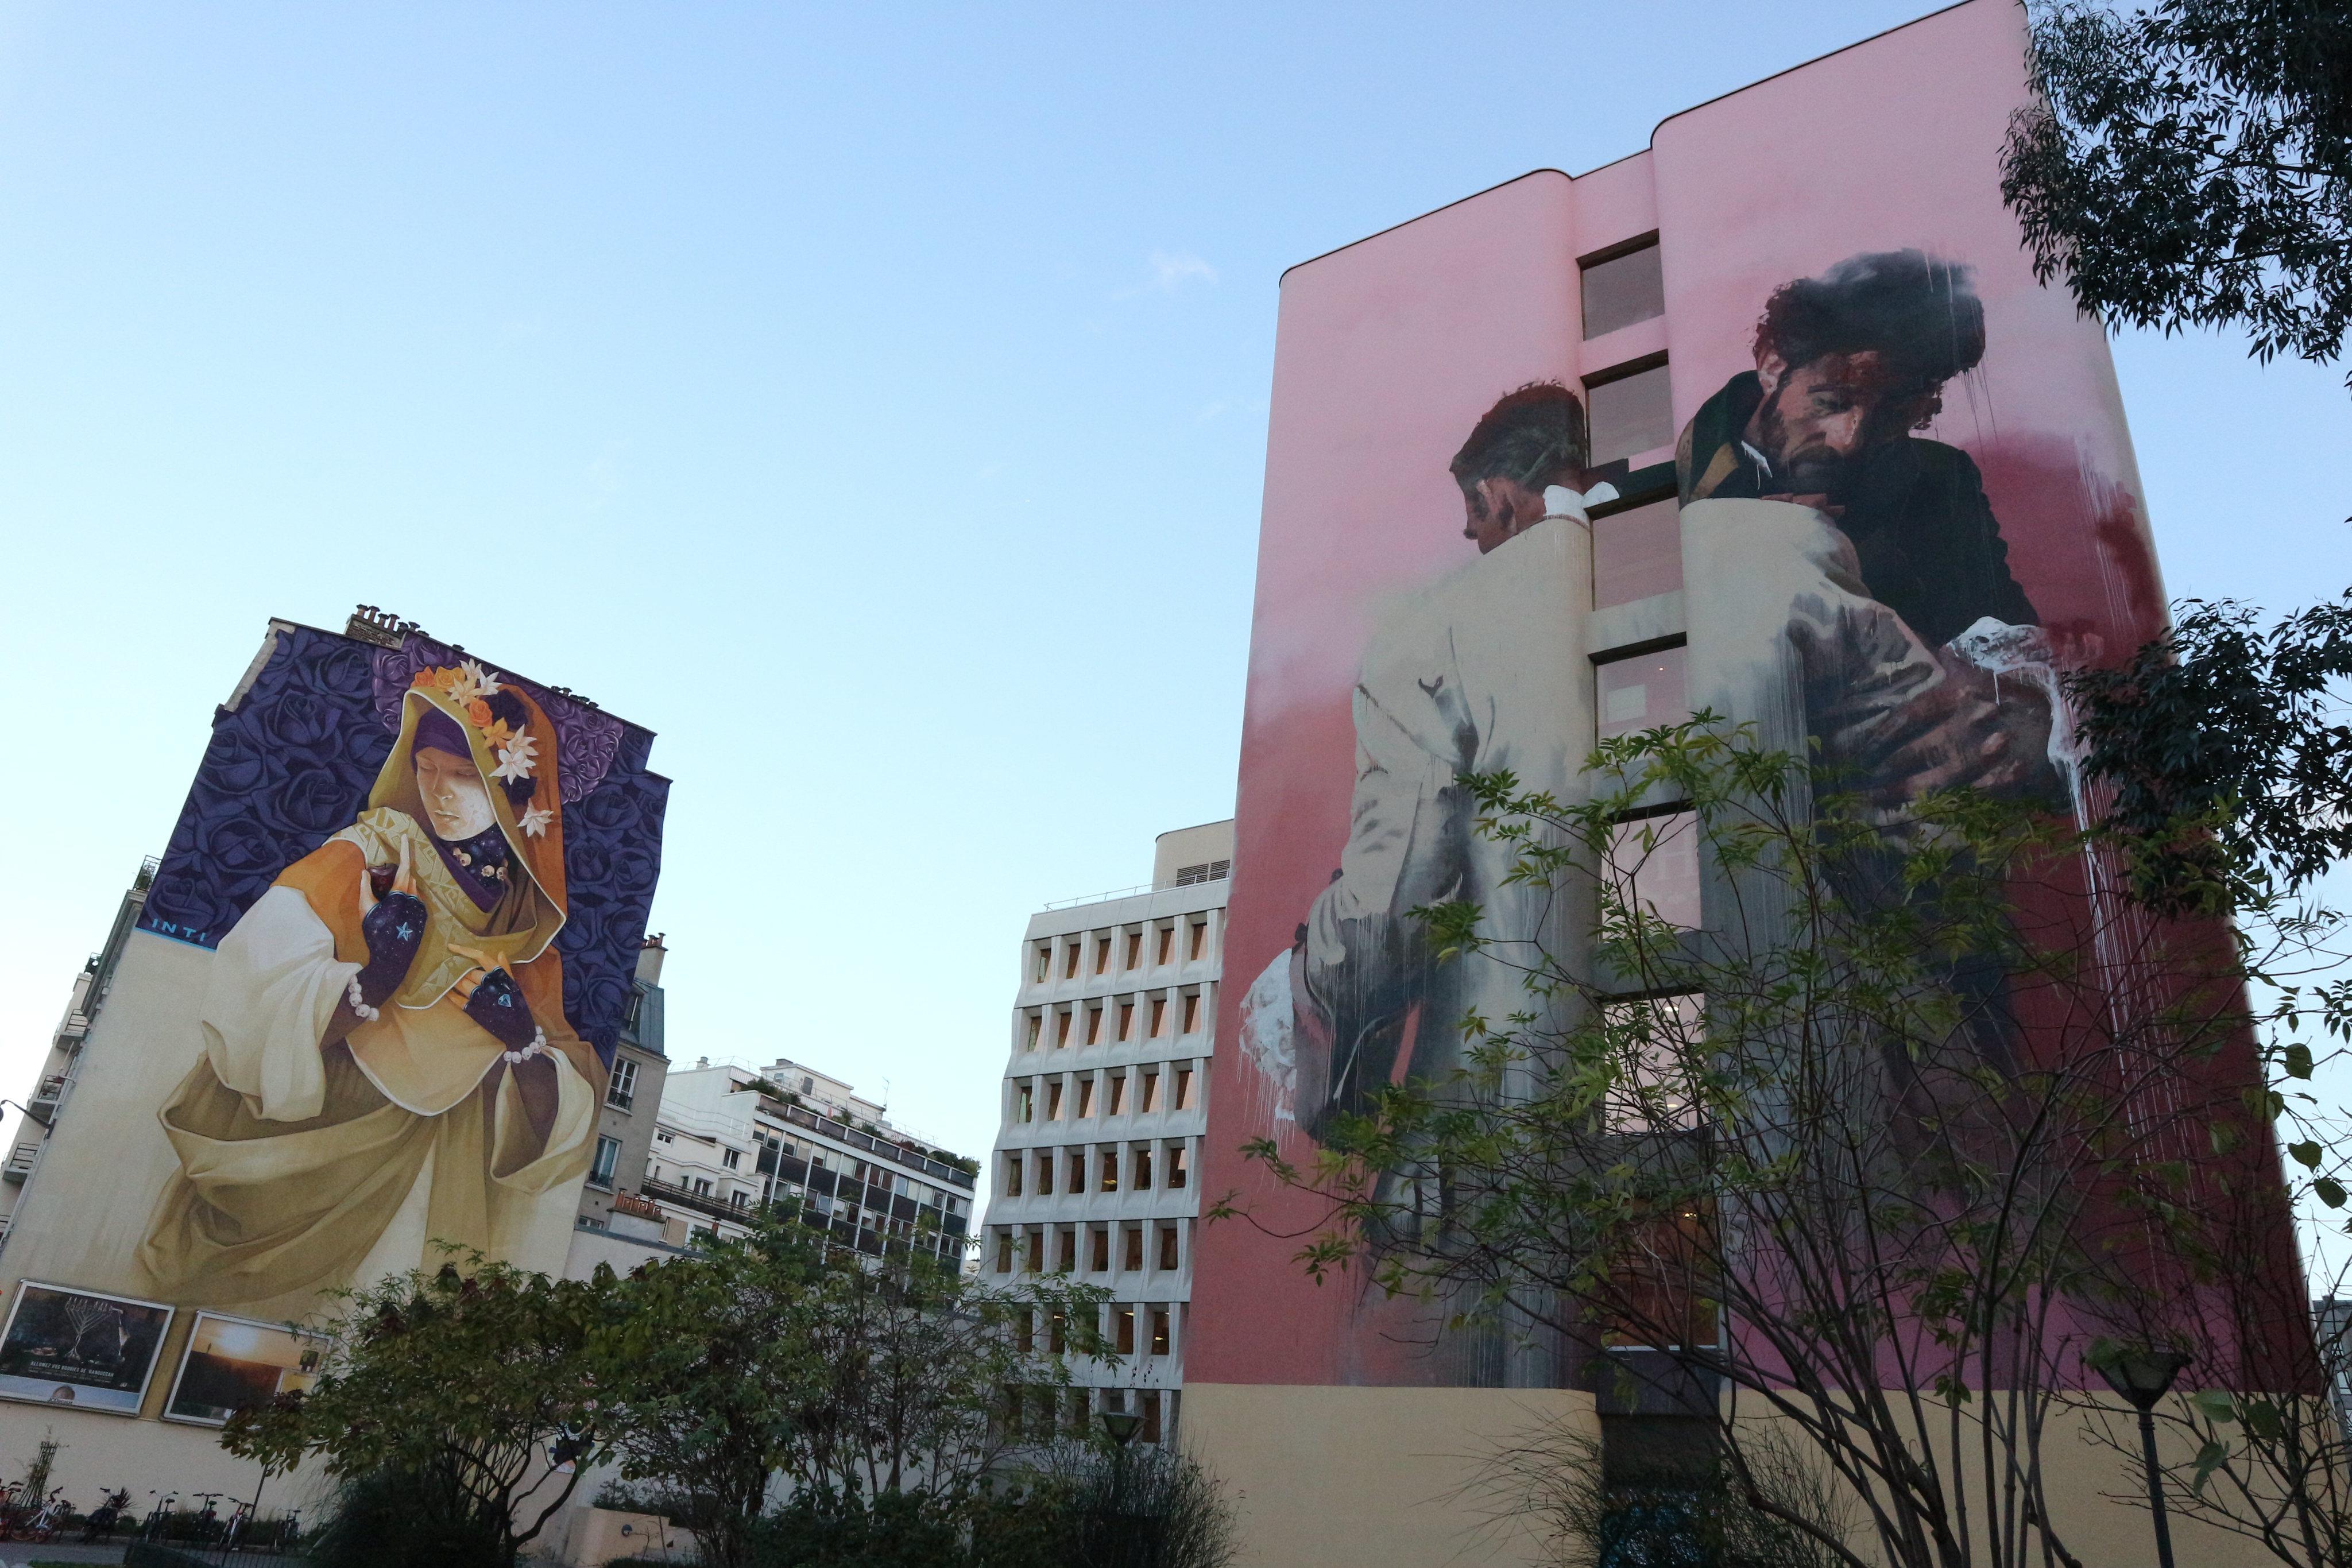 Street Art murals - Paris 75013